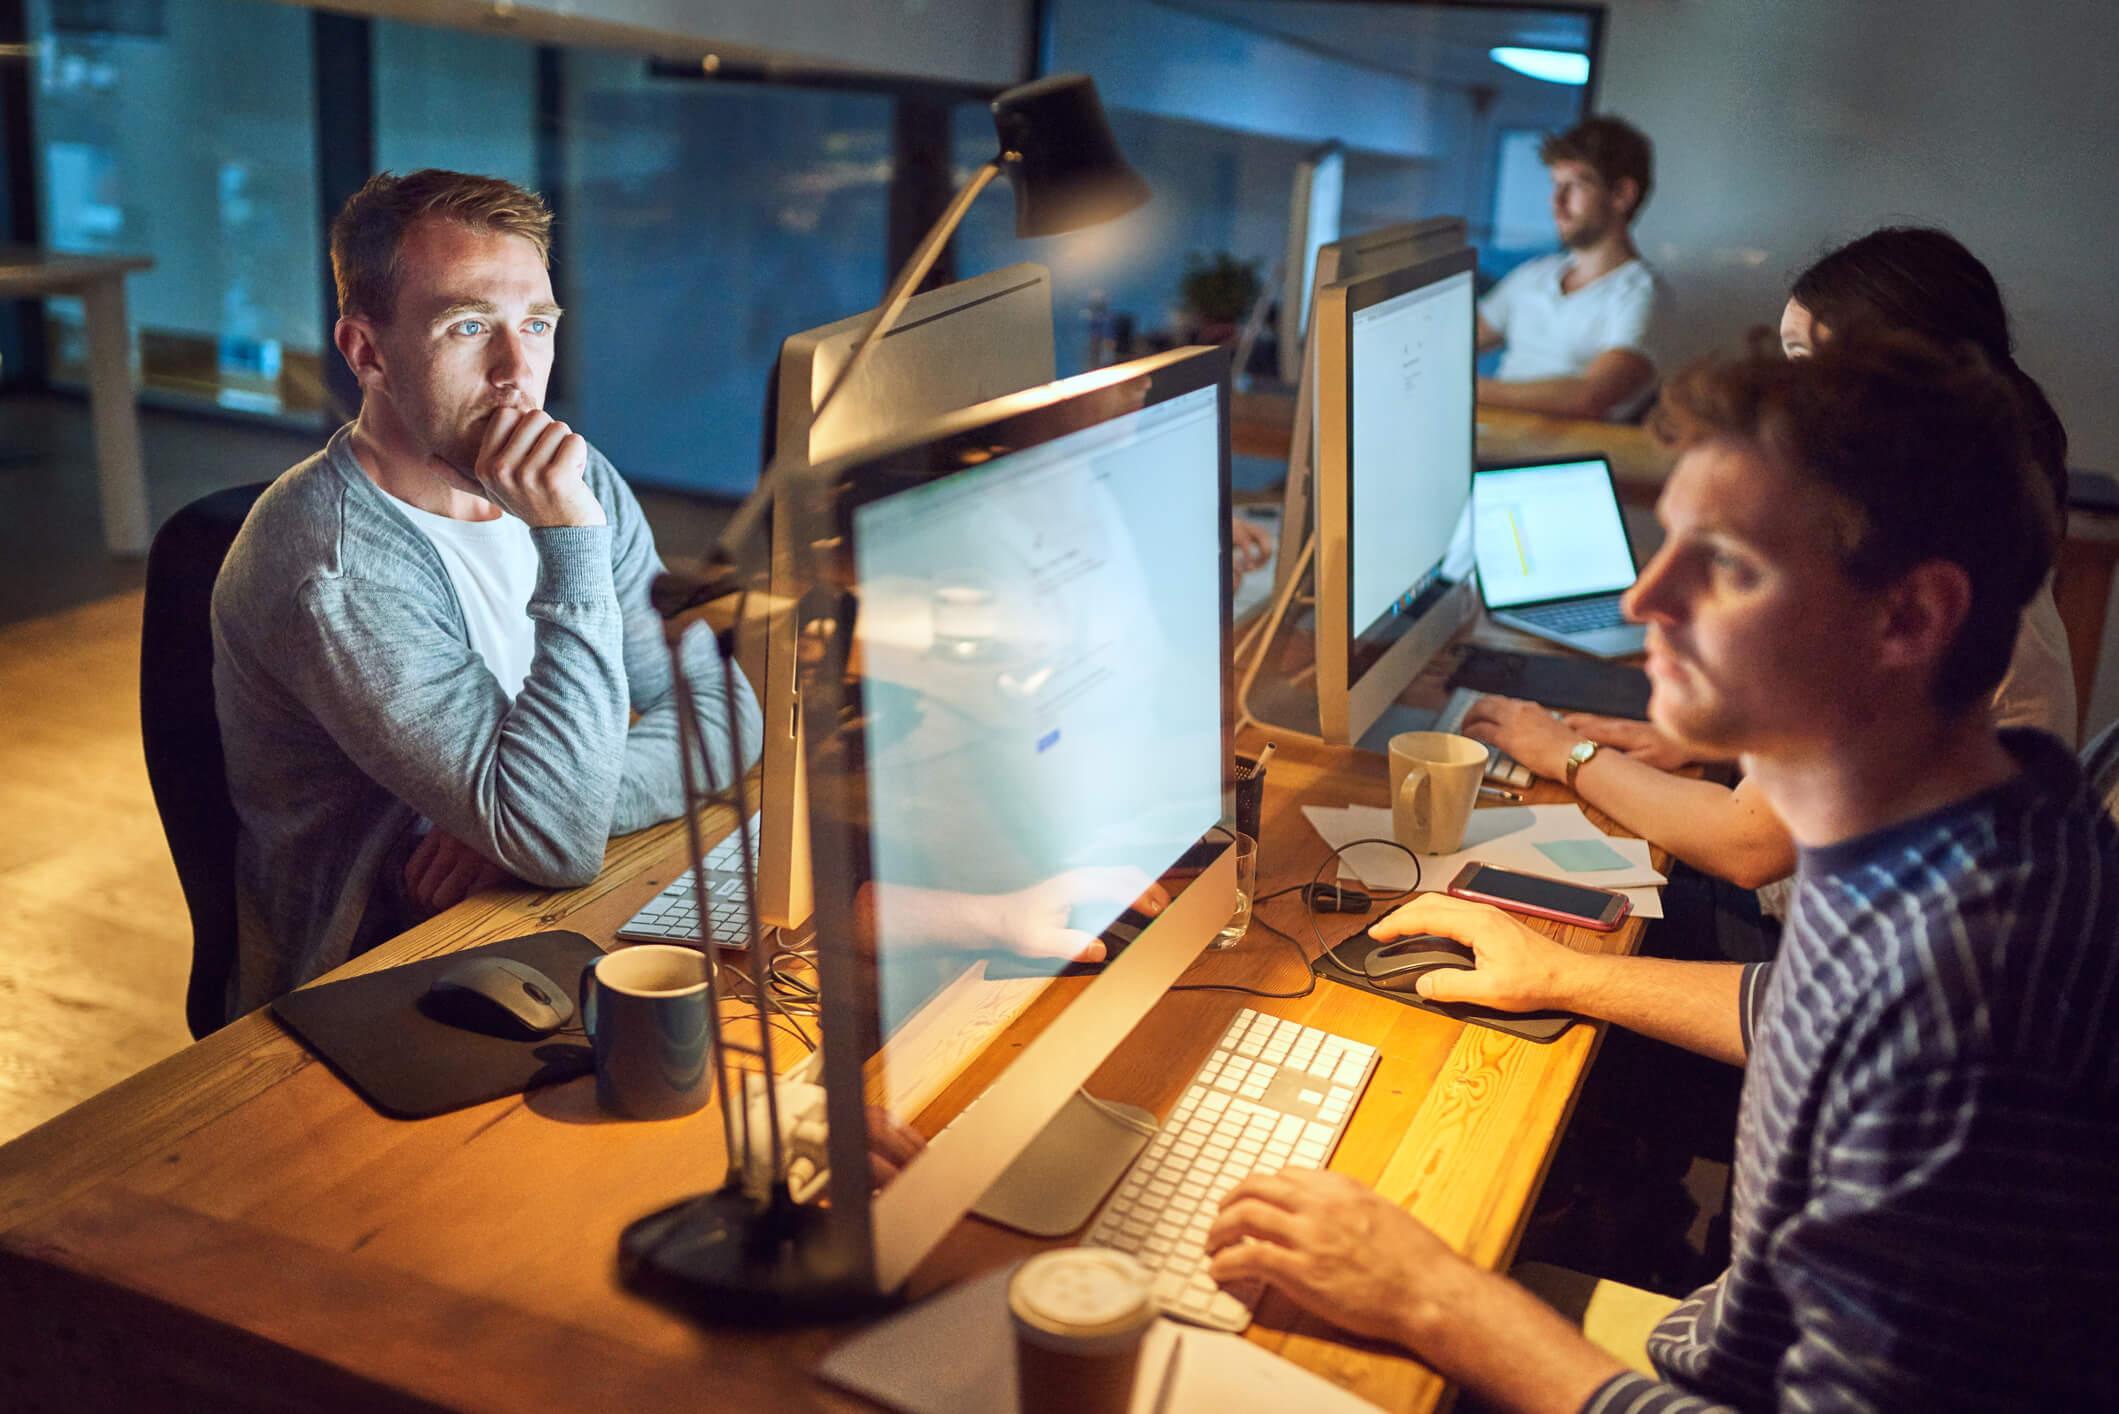 Licenciamento de software: como escolher o ideal para o seu negócio?